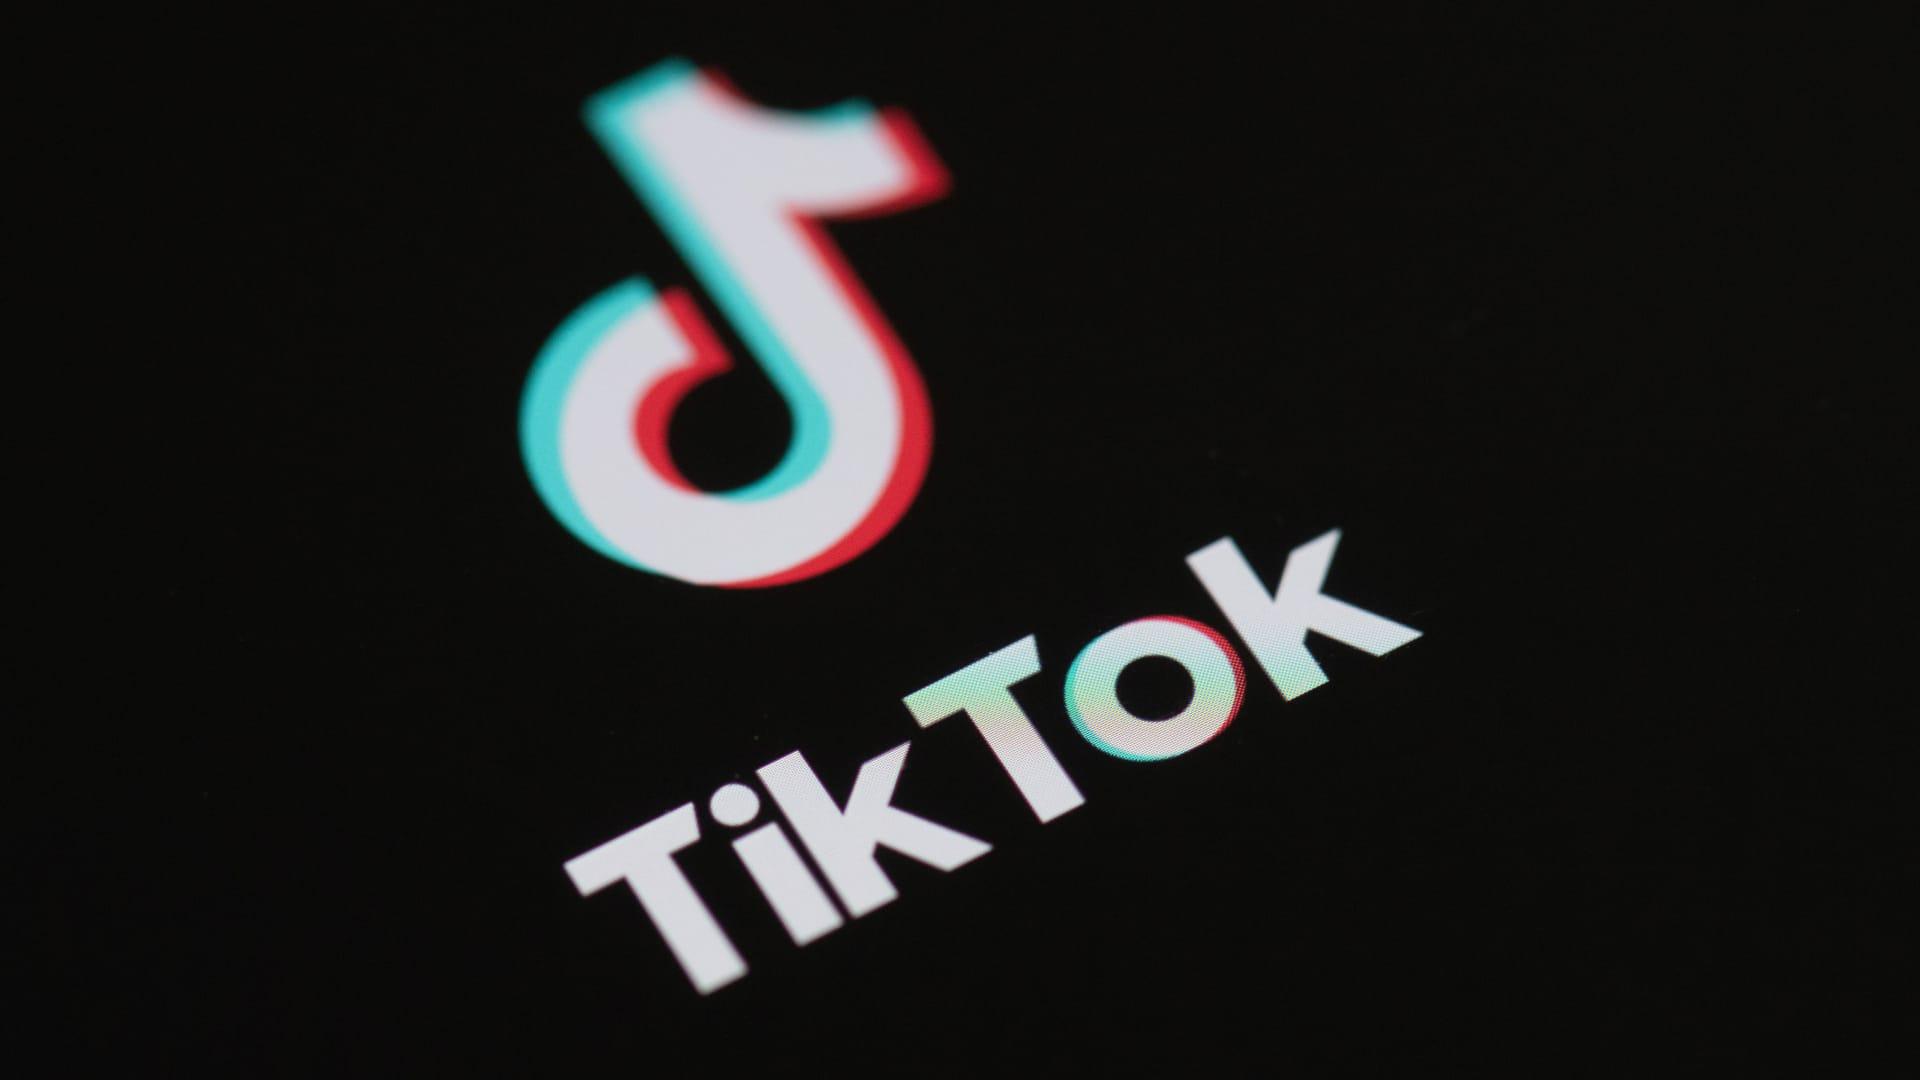 """قضية اغتصاب فتاة """"تيك توك"""".. المبادرة المصرية للحقوق الشخصية: استمرار حبس """"الضحية"""" ويجب الإفراج الفوري عنها"""